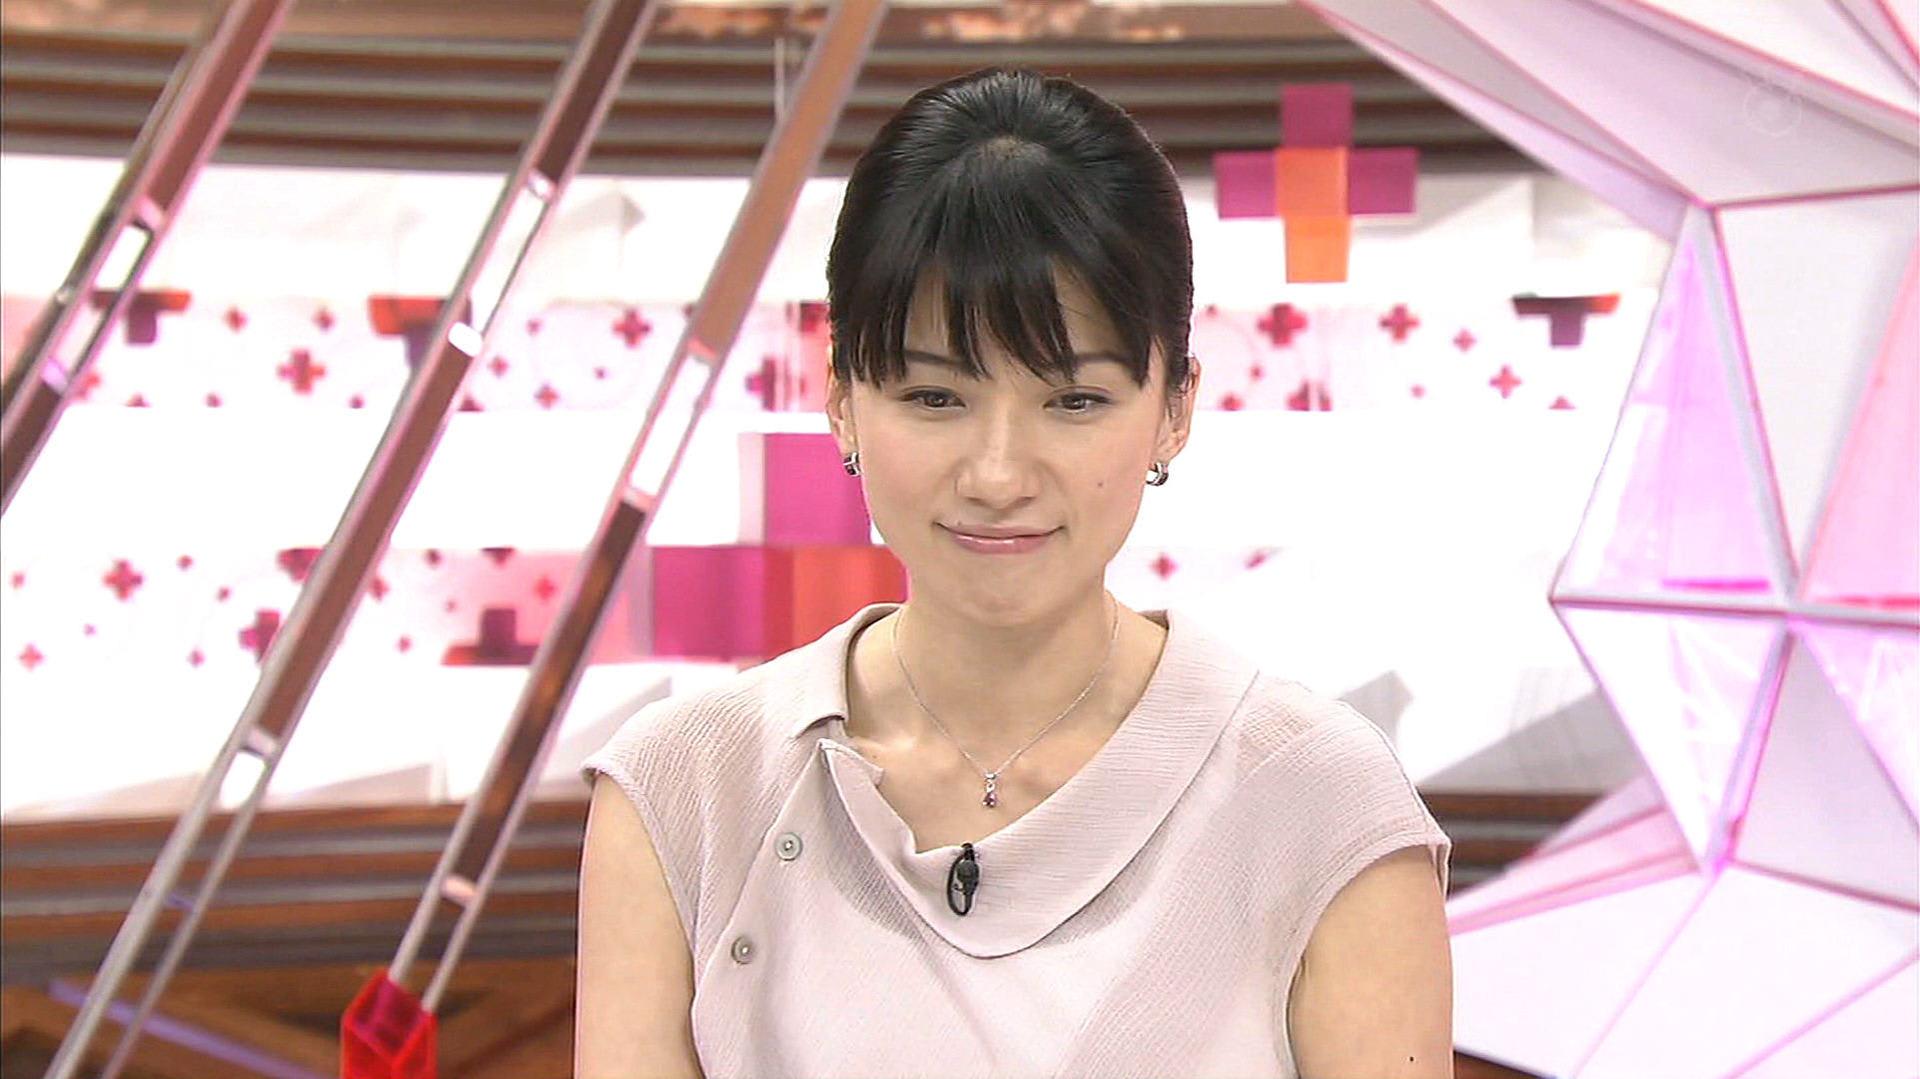 梅津 弥英子 35歳 - 美個体館 ~綺麗な女性、集めます~